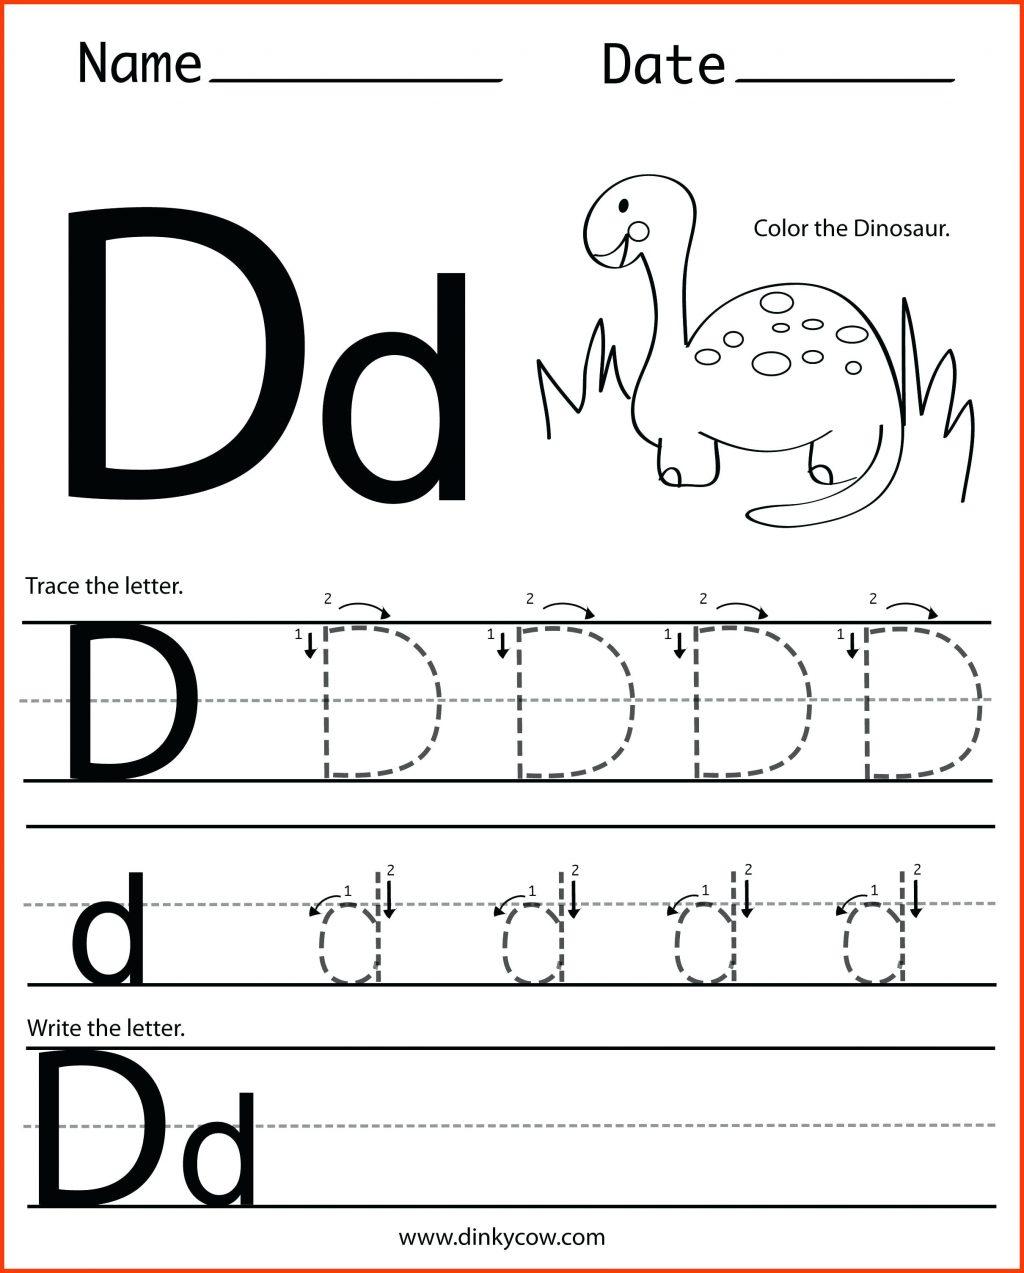 Letter Worksheets Alphabet Hunt Worksheet Kids For Year Olds intended for Tracing Letter Dd Worksheet